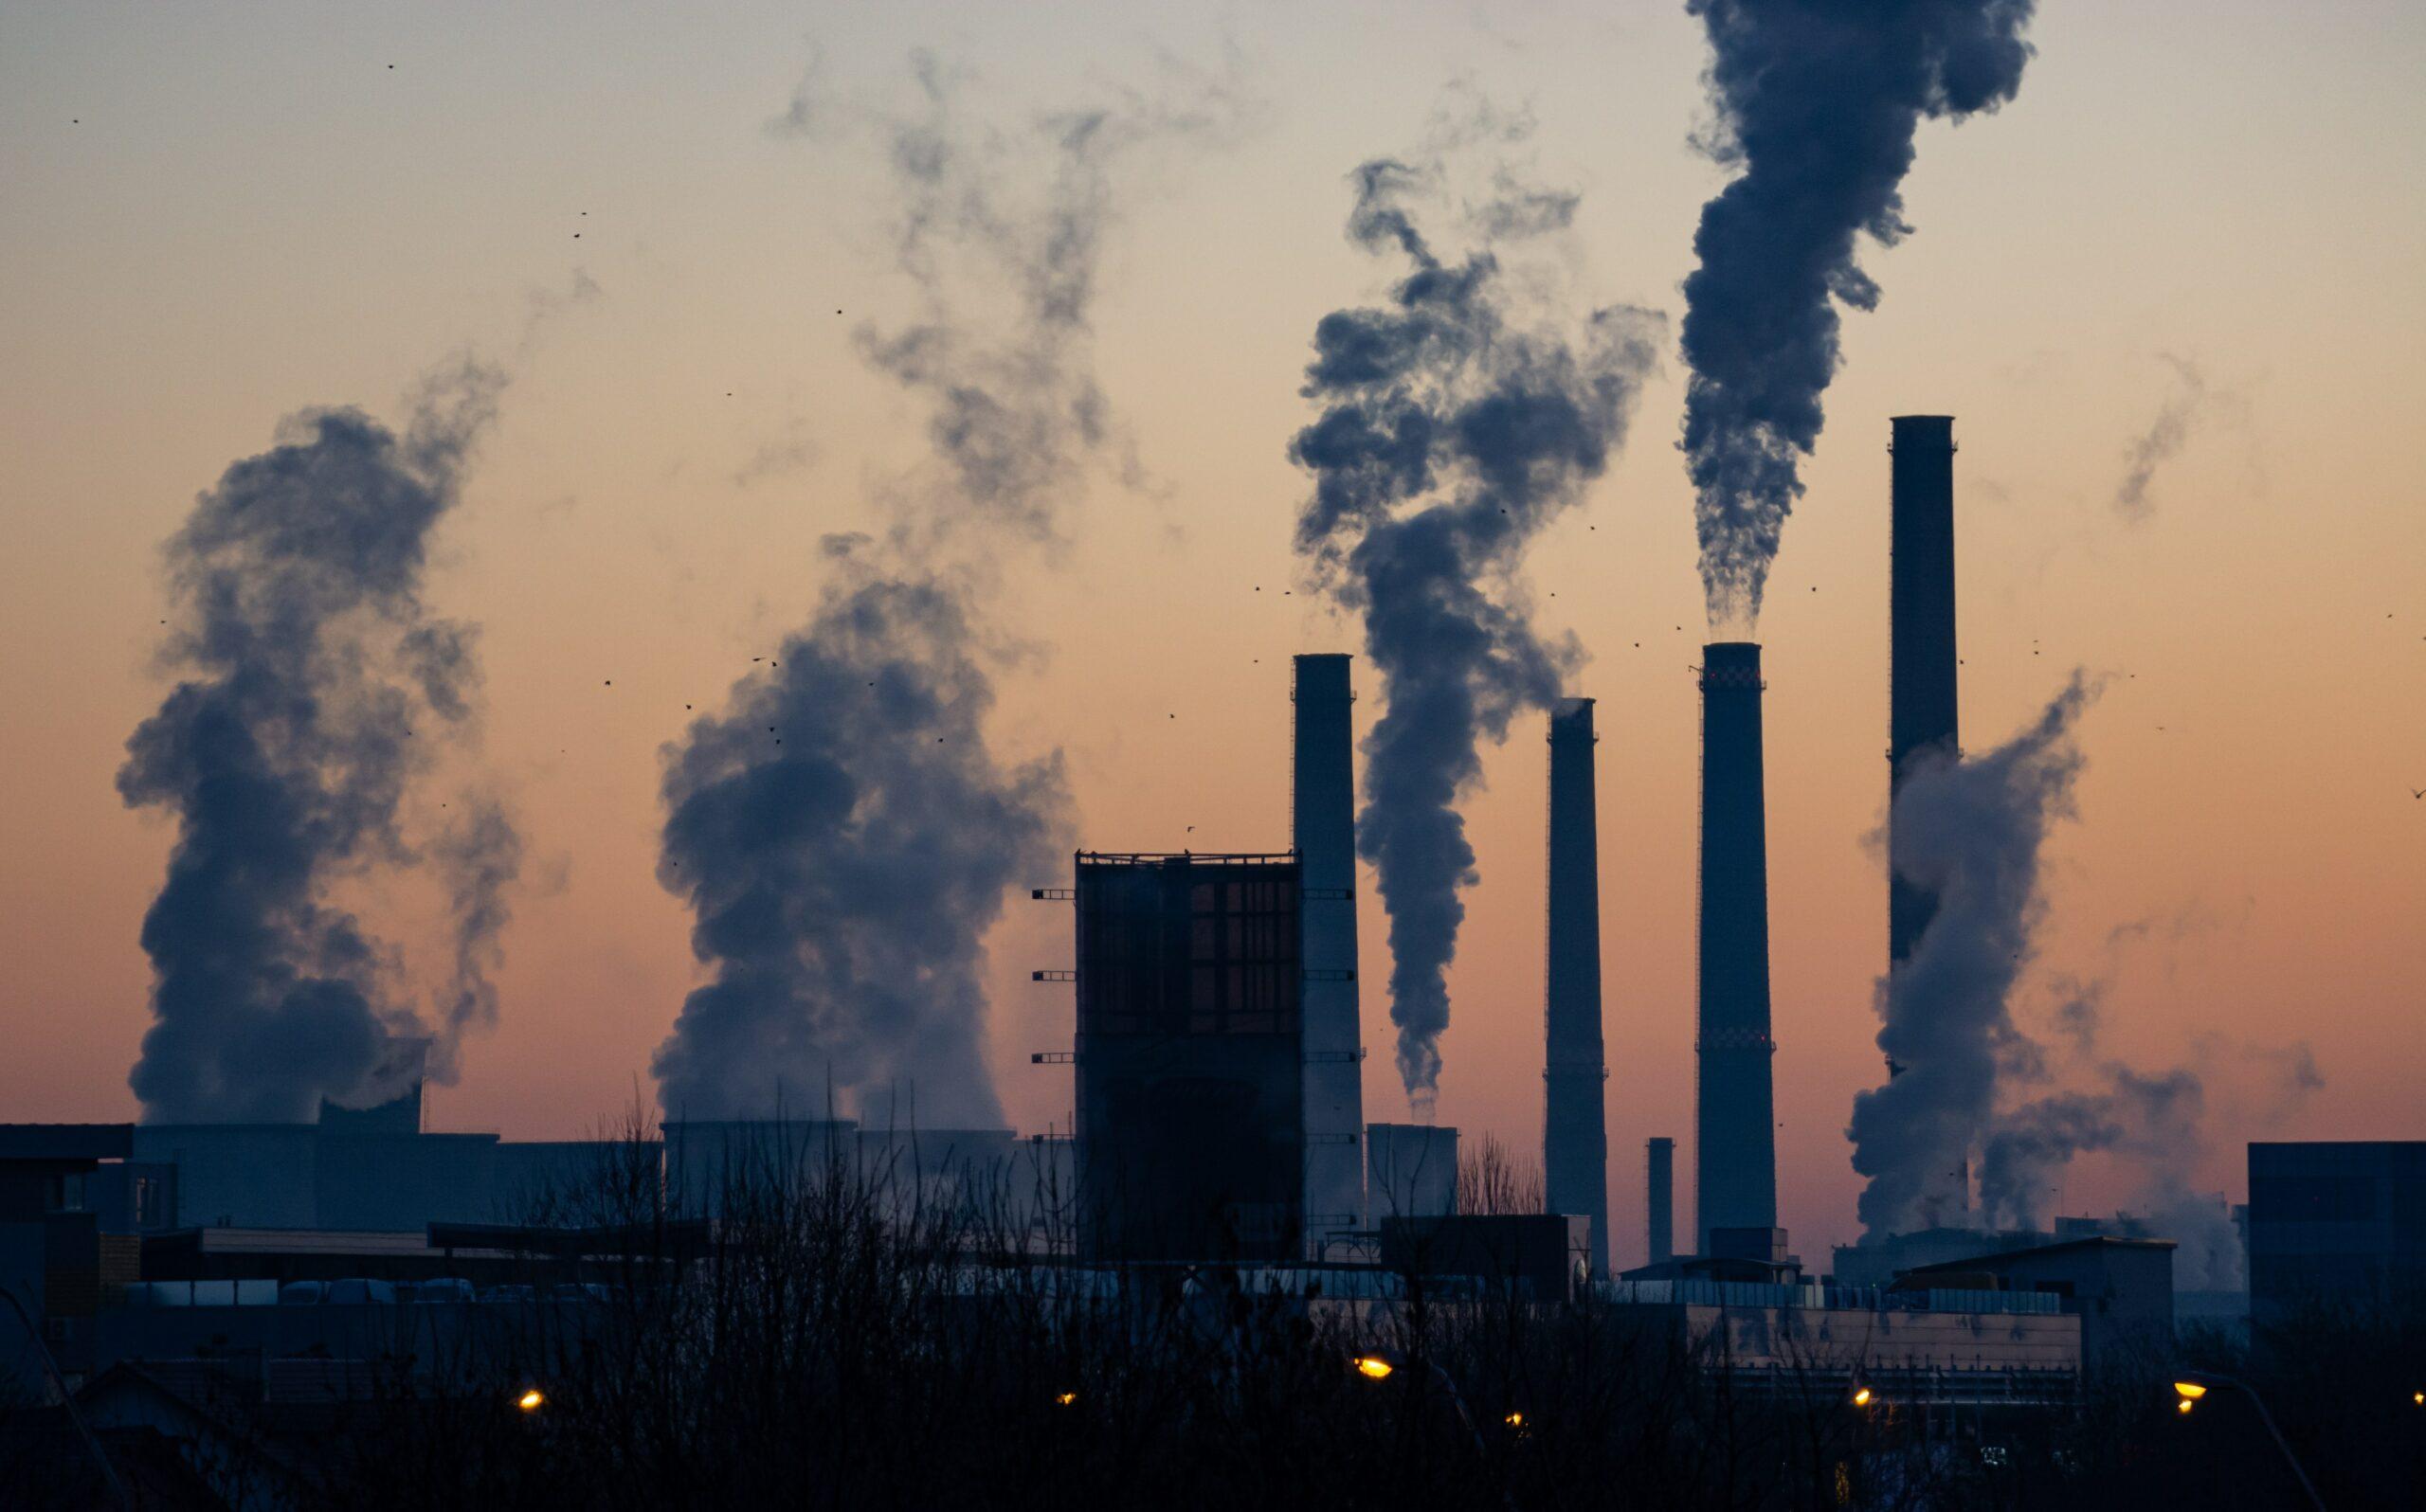 """Der Reduzierung von C02 kommt bei der Erreichung von Klimaneutralität eine unverzichtbare Rolle zu. Damit Unternehmen ihre CO2-Emissionen langfristig reduzieren können, hat Qlik gemeinsam mit Inphinity das """"Carbon Footprint Simulation Tool"""" entwickelt."""